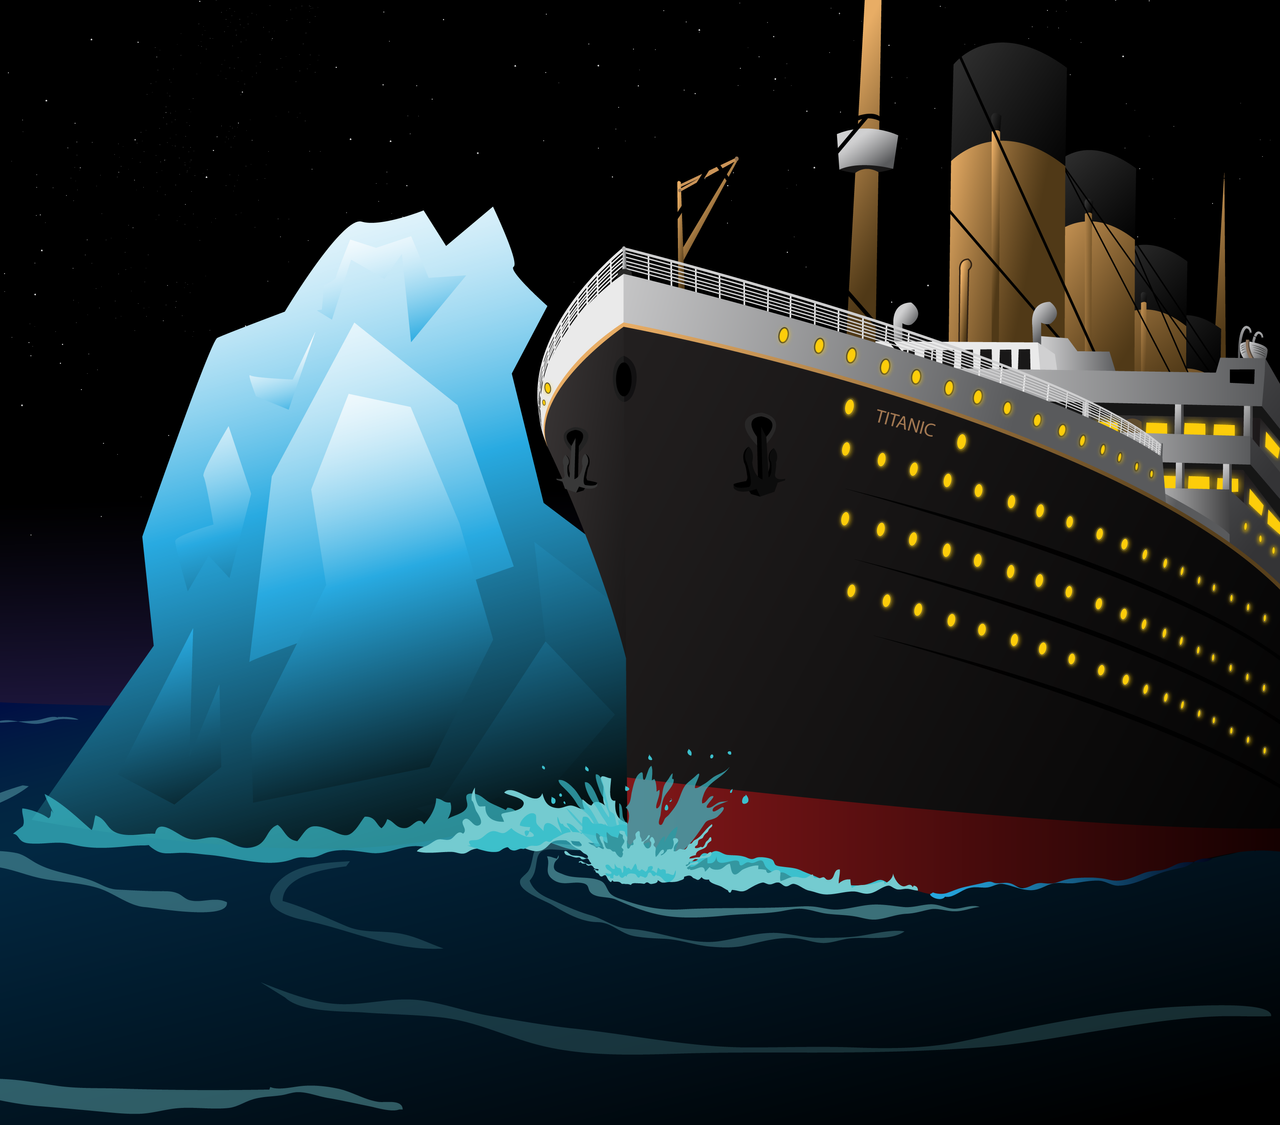 Rms Titanic By Icaron On Deviantart